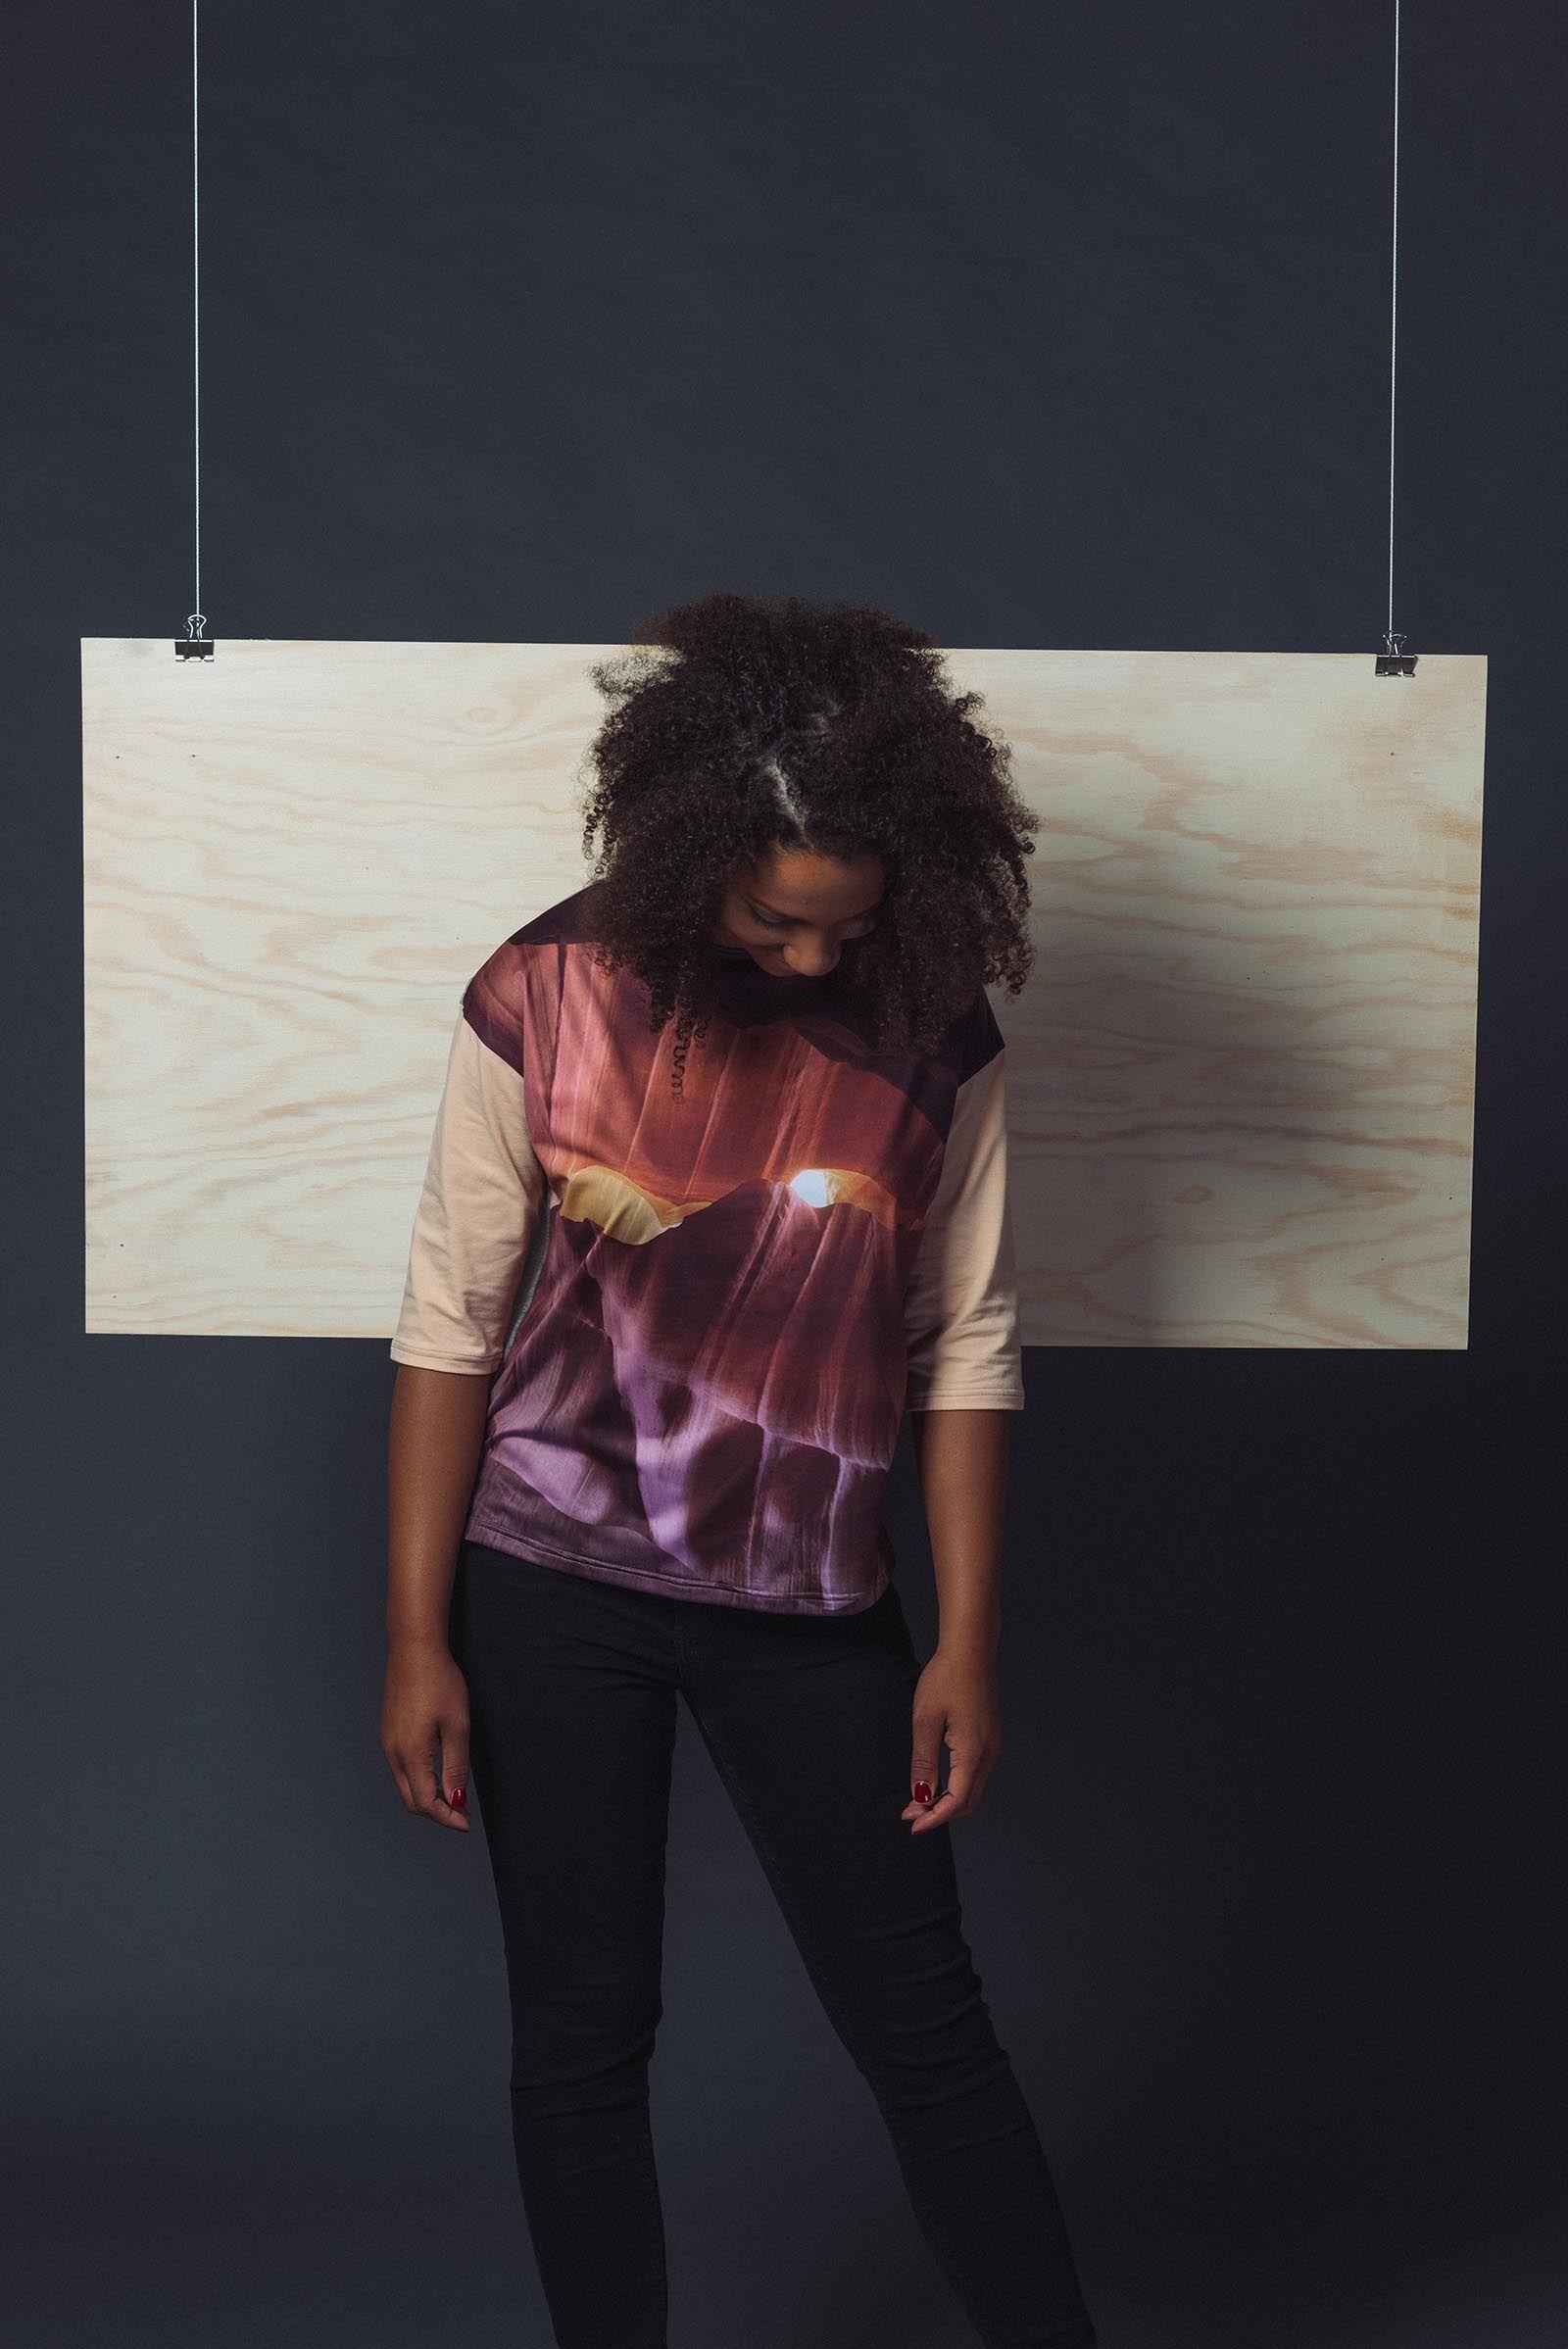 ff7c099e4dc Freya   Dámská trička Youngprimitive. Originální tričko pro holky ...